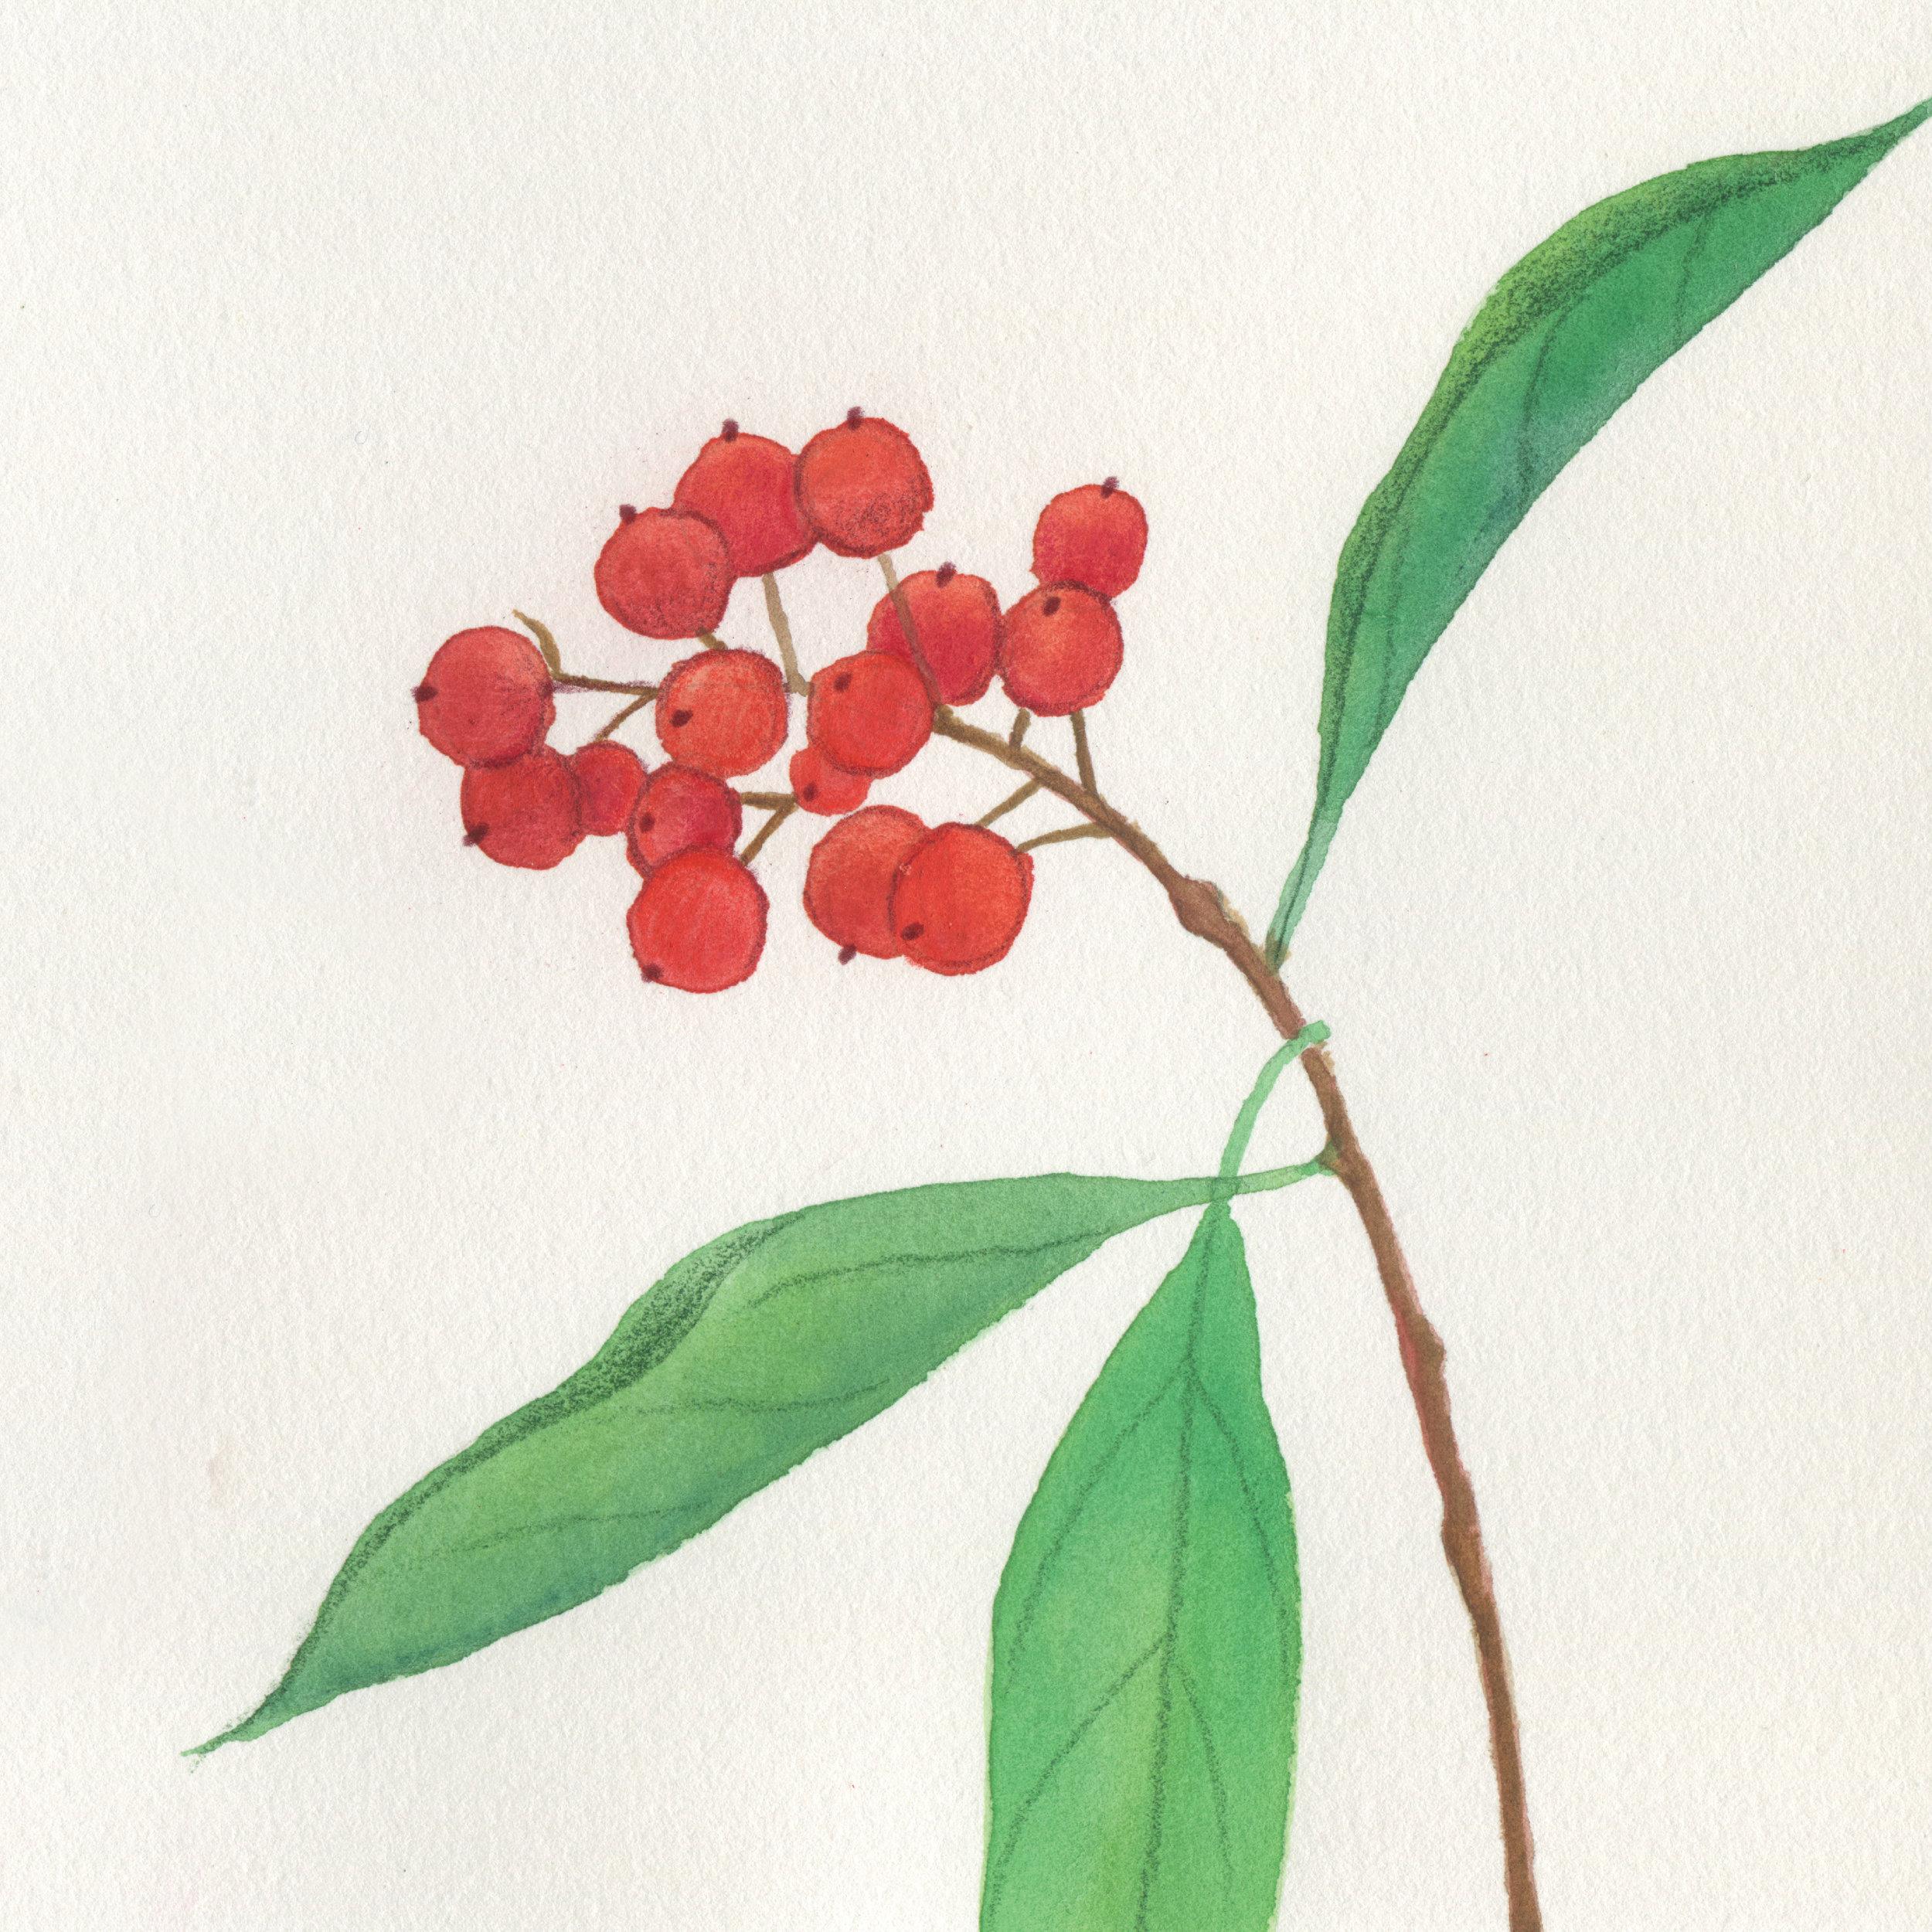 MirandaFuller-BotanicalArt101bittersweet-Nashville.jpg